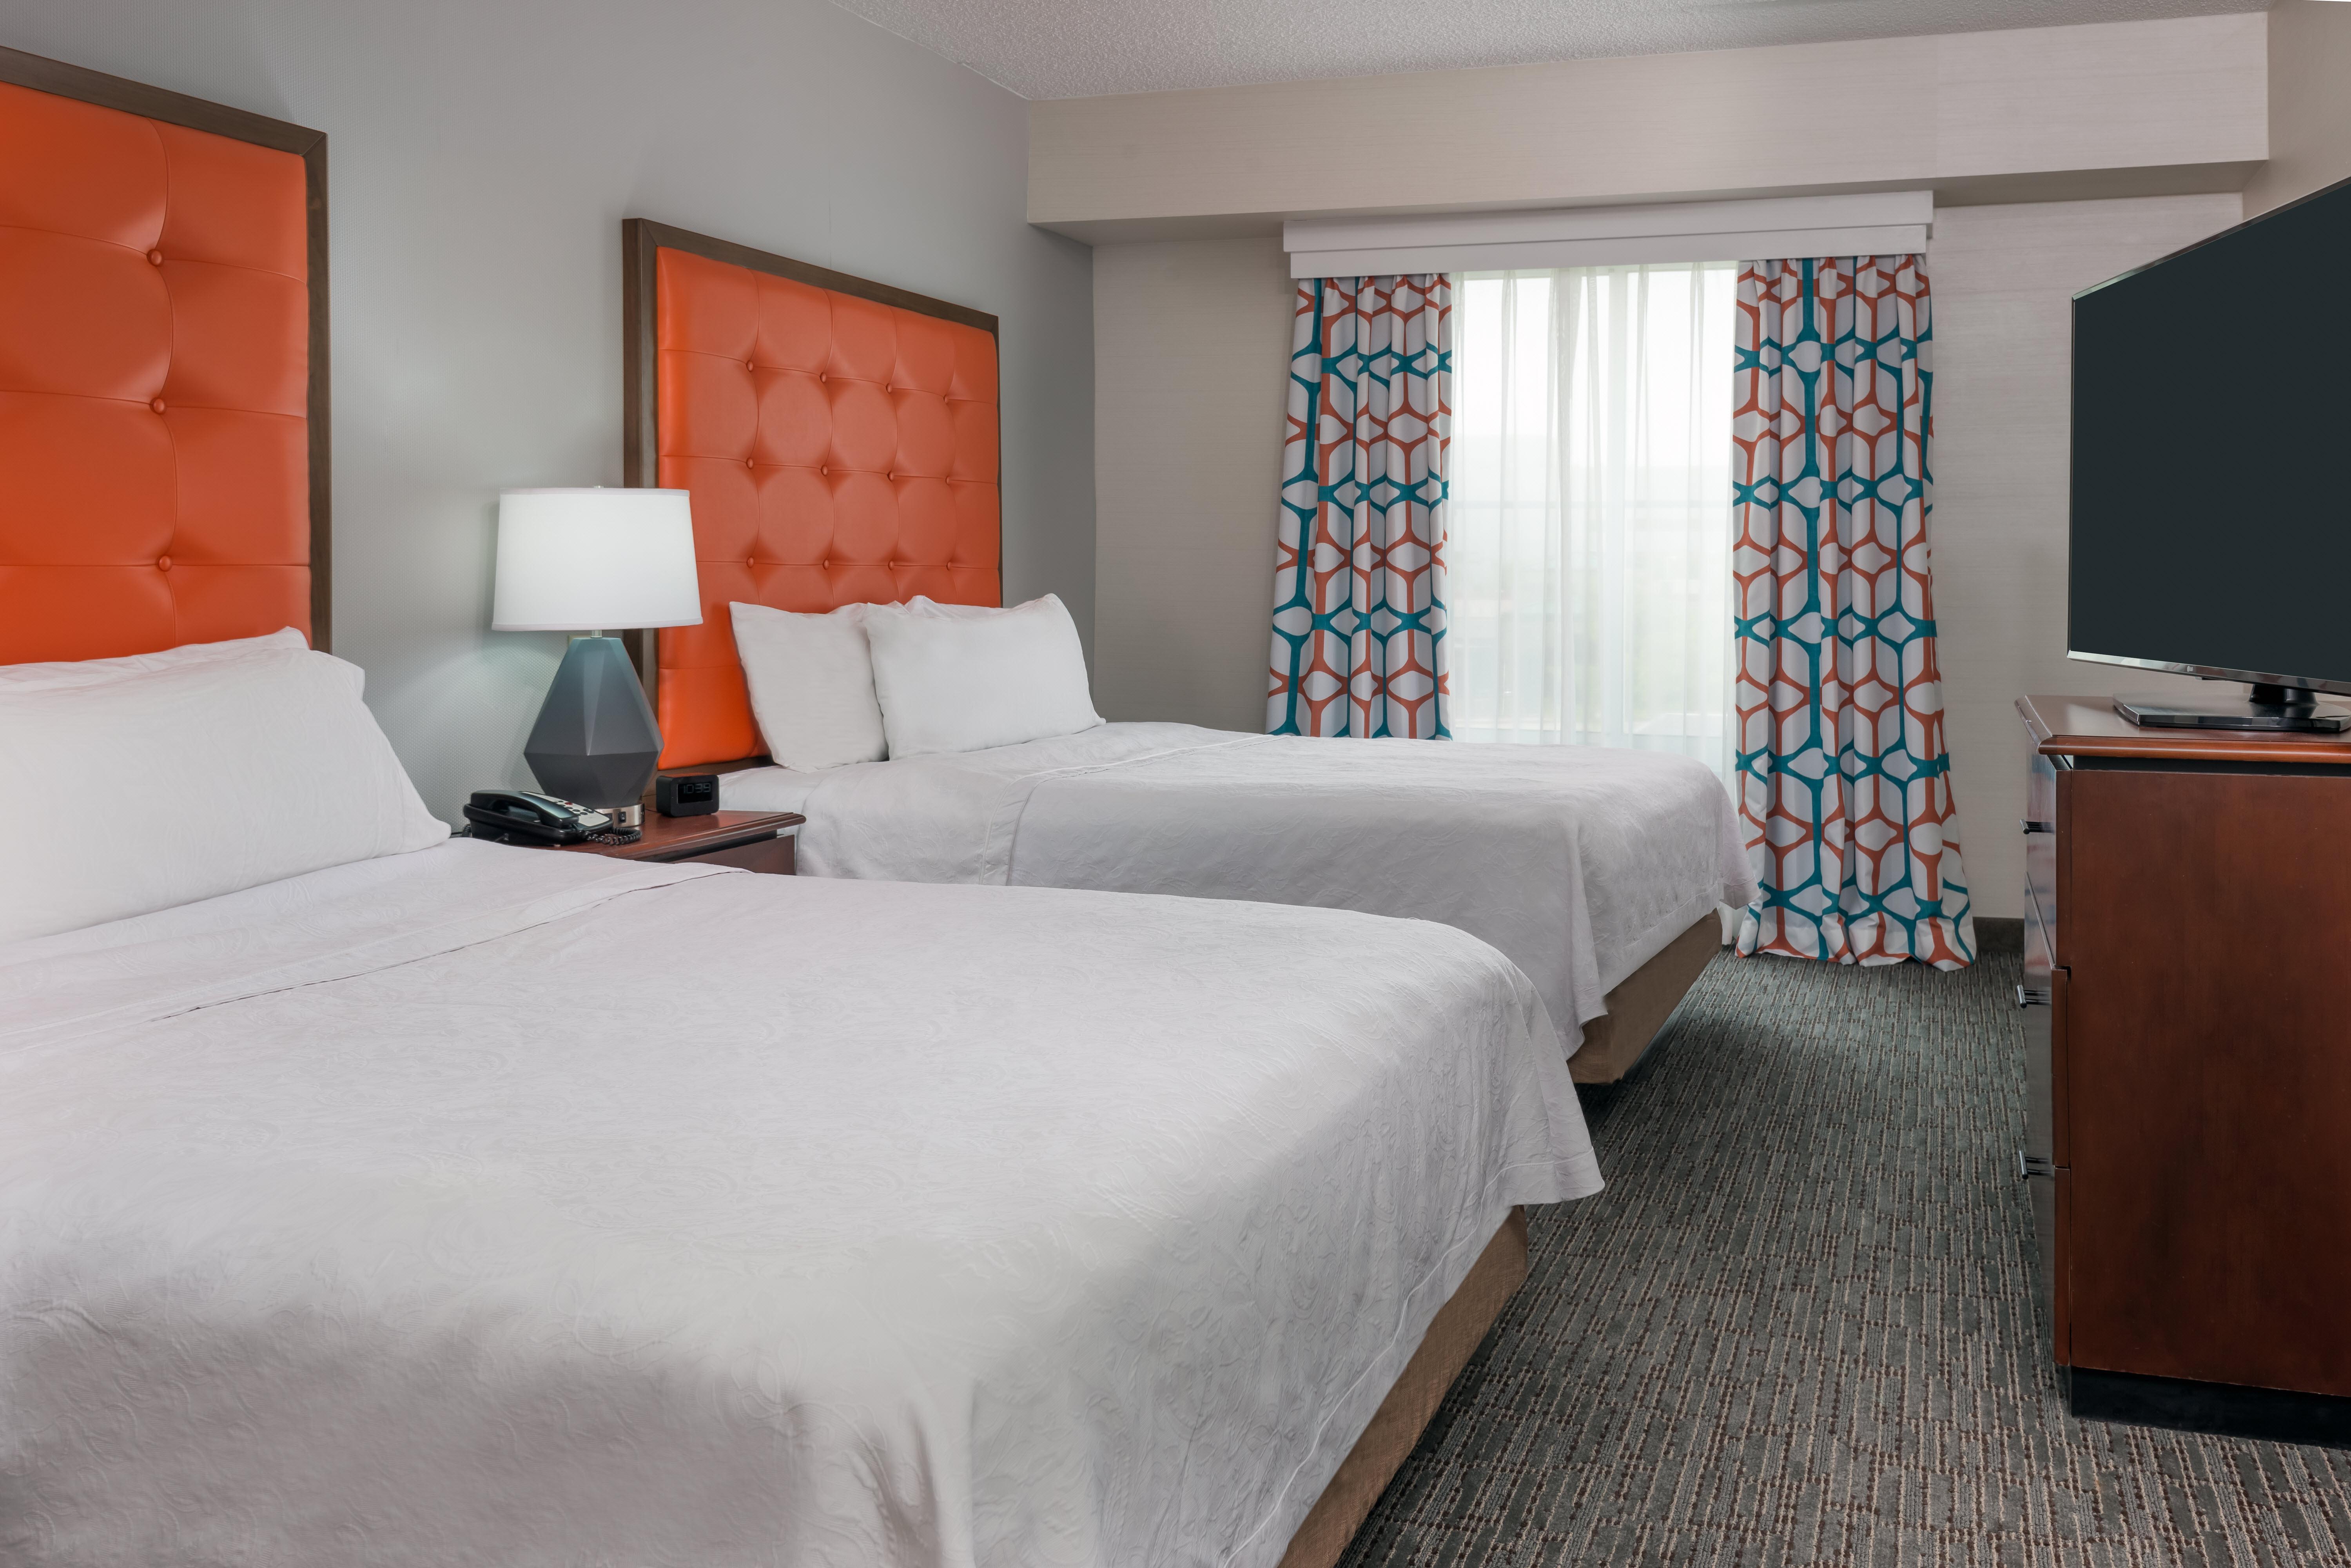 Homewood Suites by Hilton Cleveland-Beachwood image 12